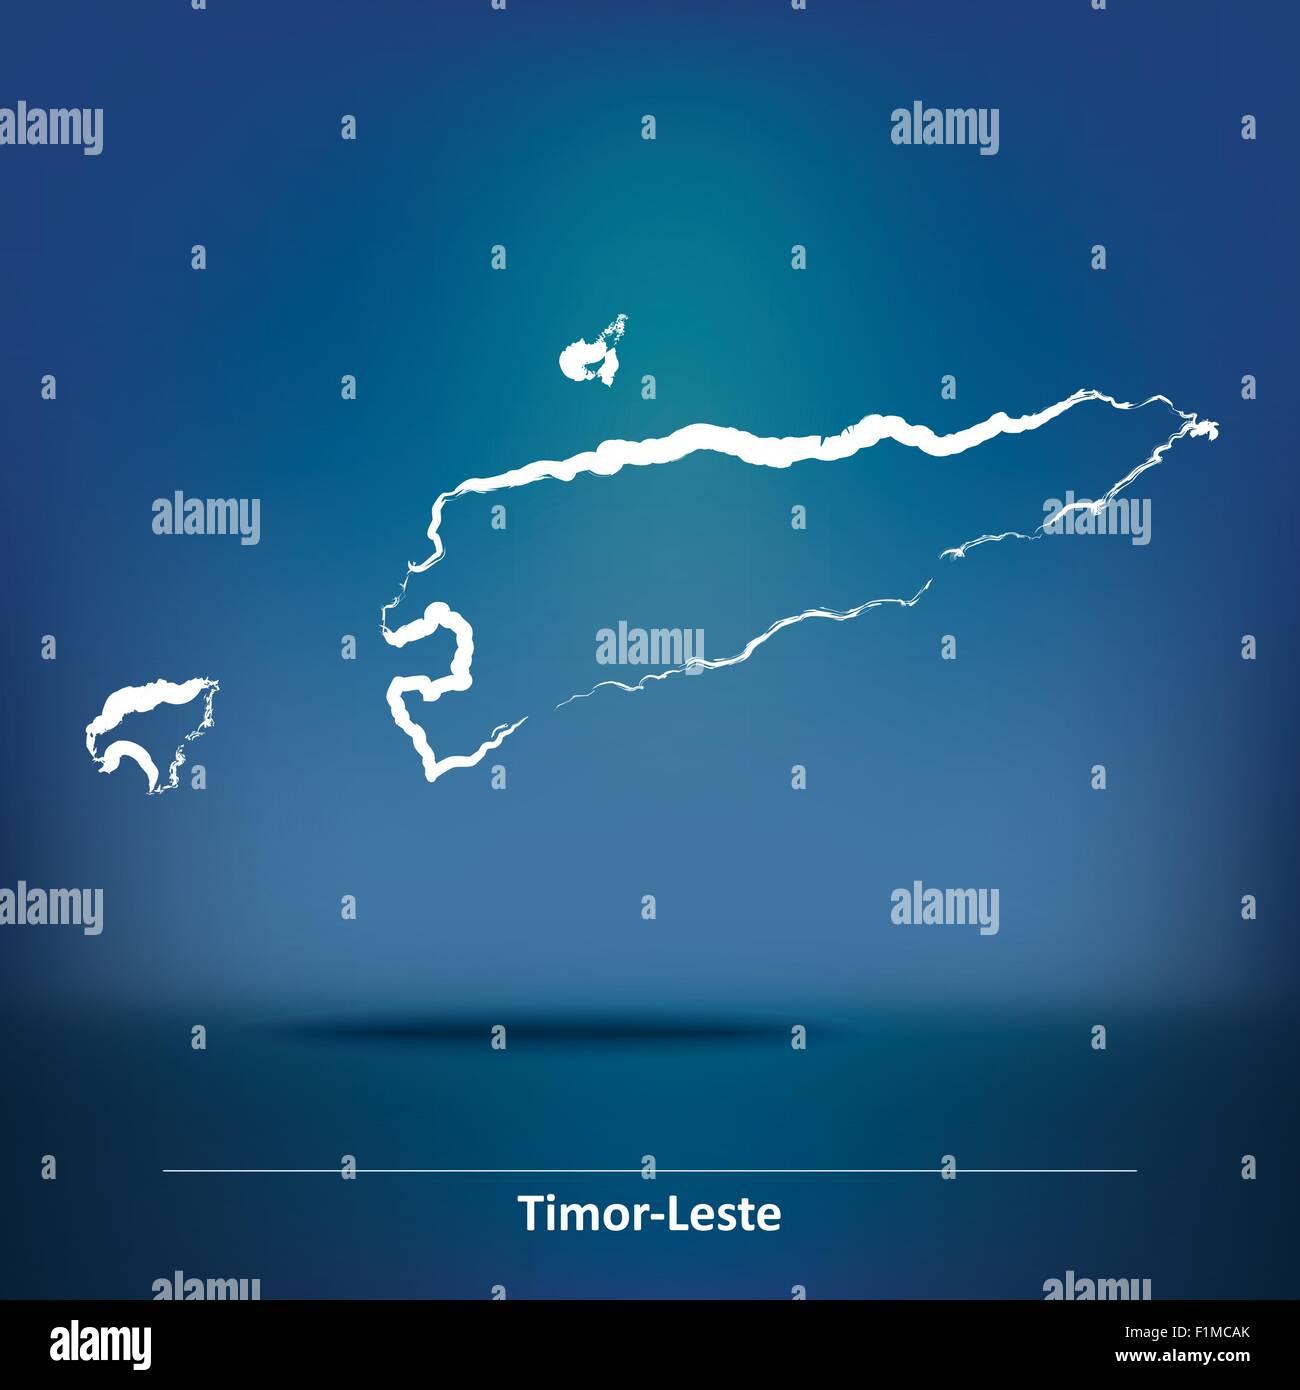 Doodle Map Of TimorLeste Vector Illustration Stock Vector Art - East timor seetimor leste map vector